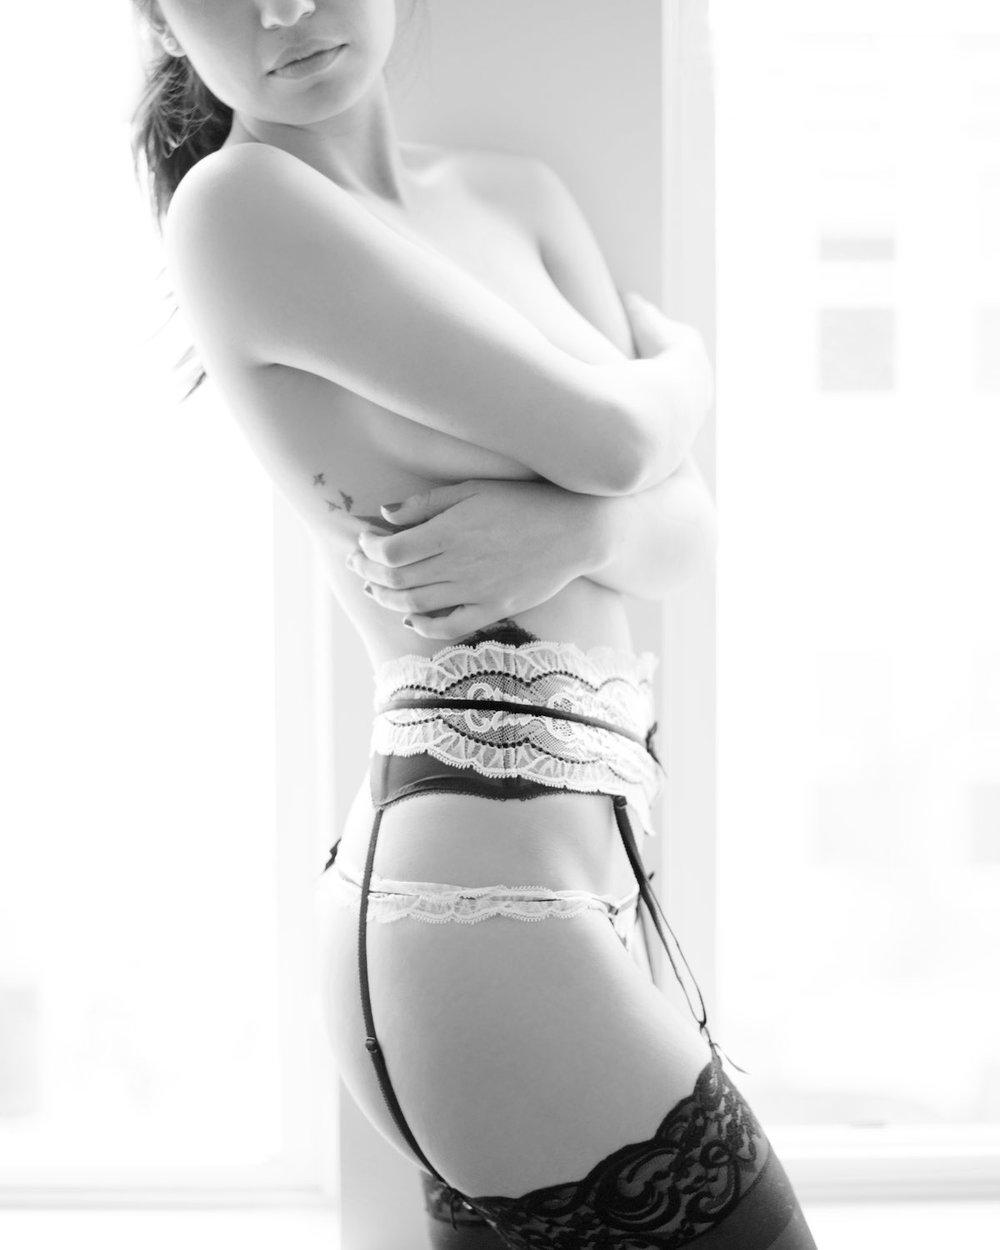 lingerie-nude-michal-pfeil-05.jpg